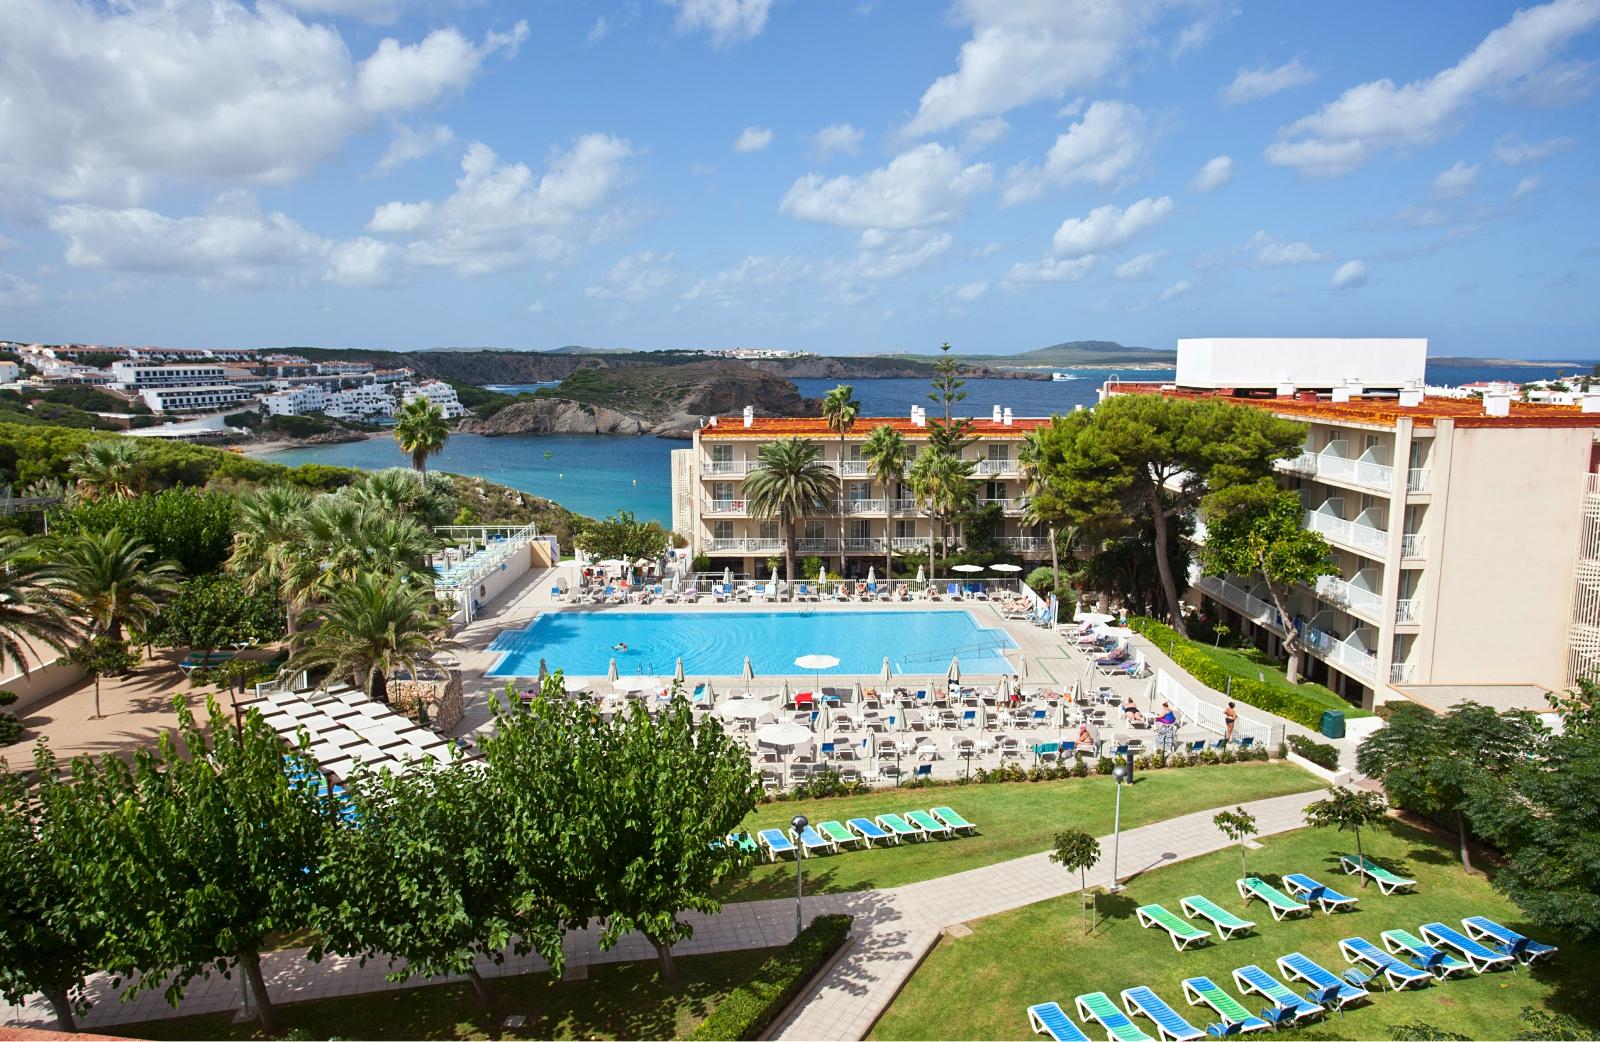 Club Hotel Aguamarina Video